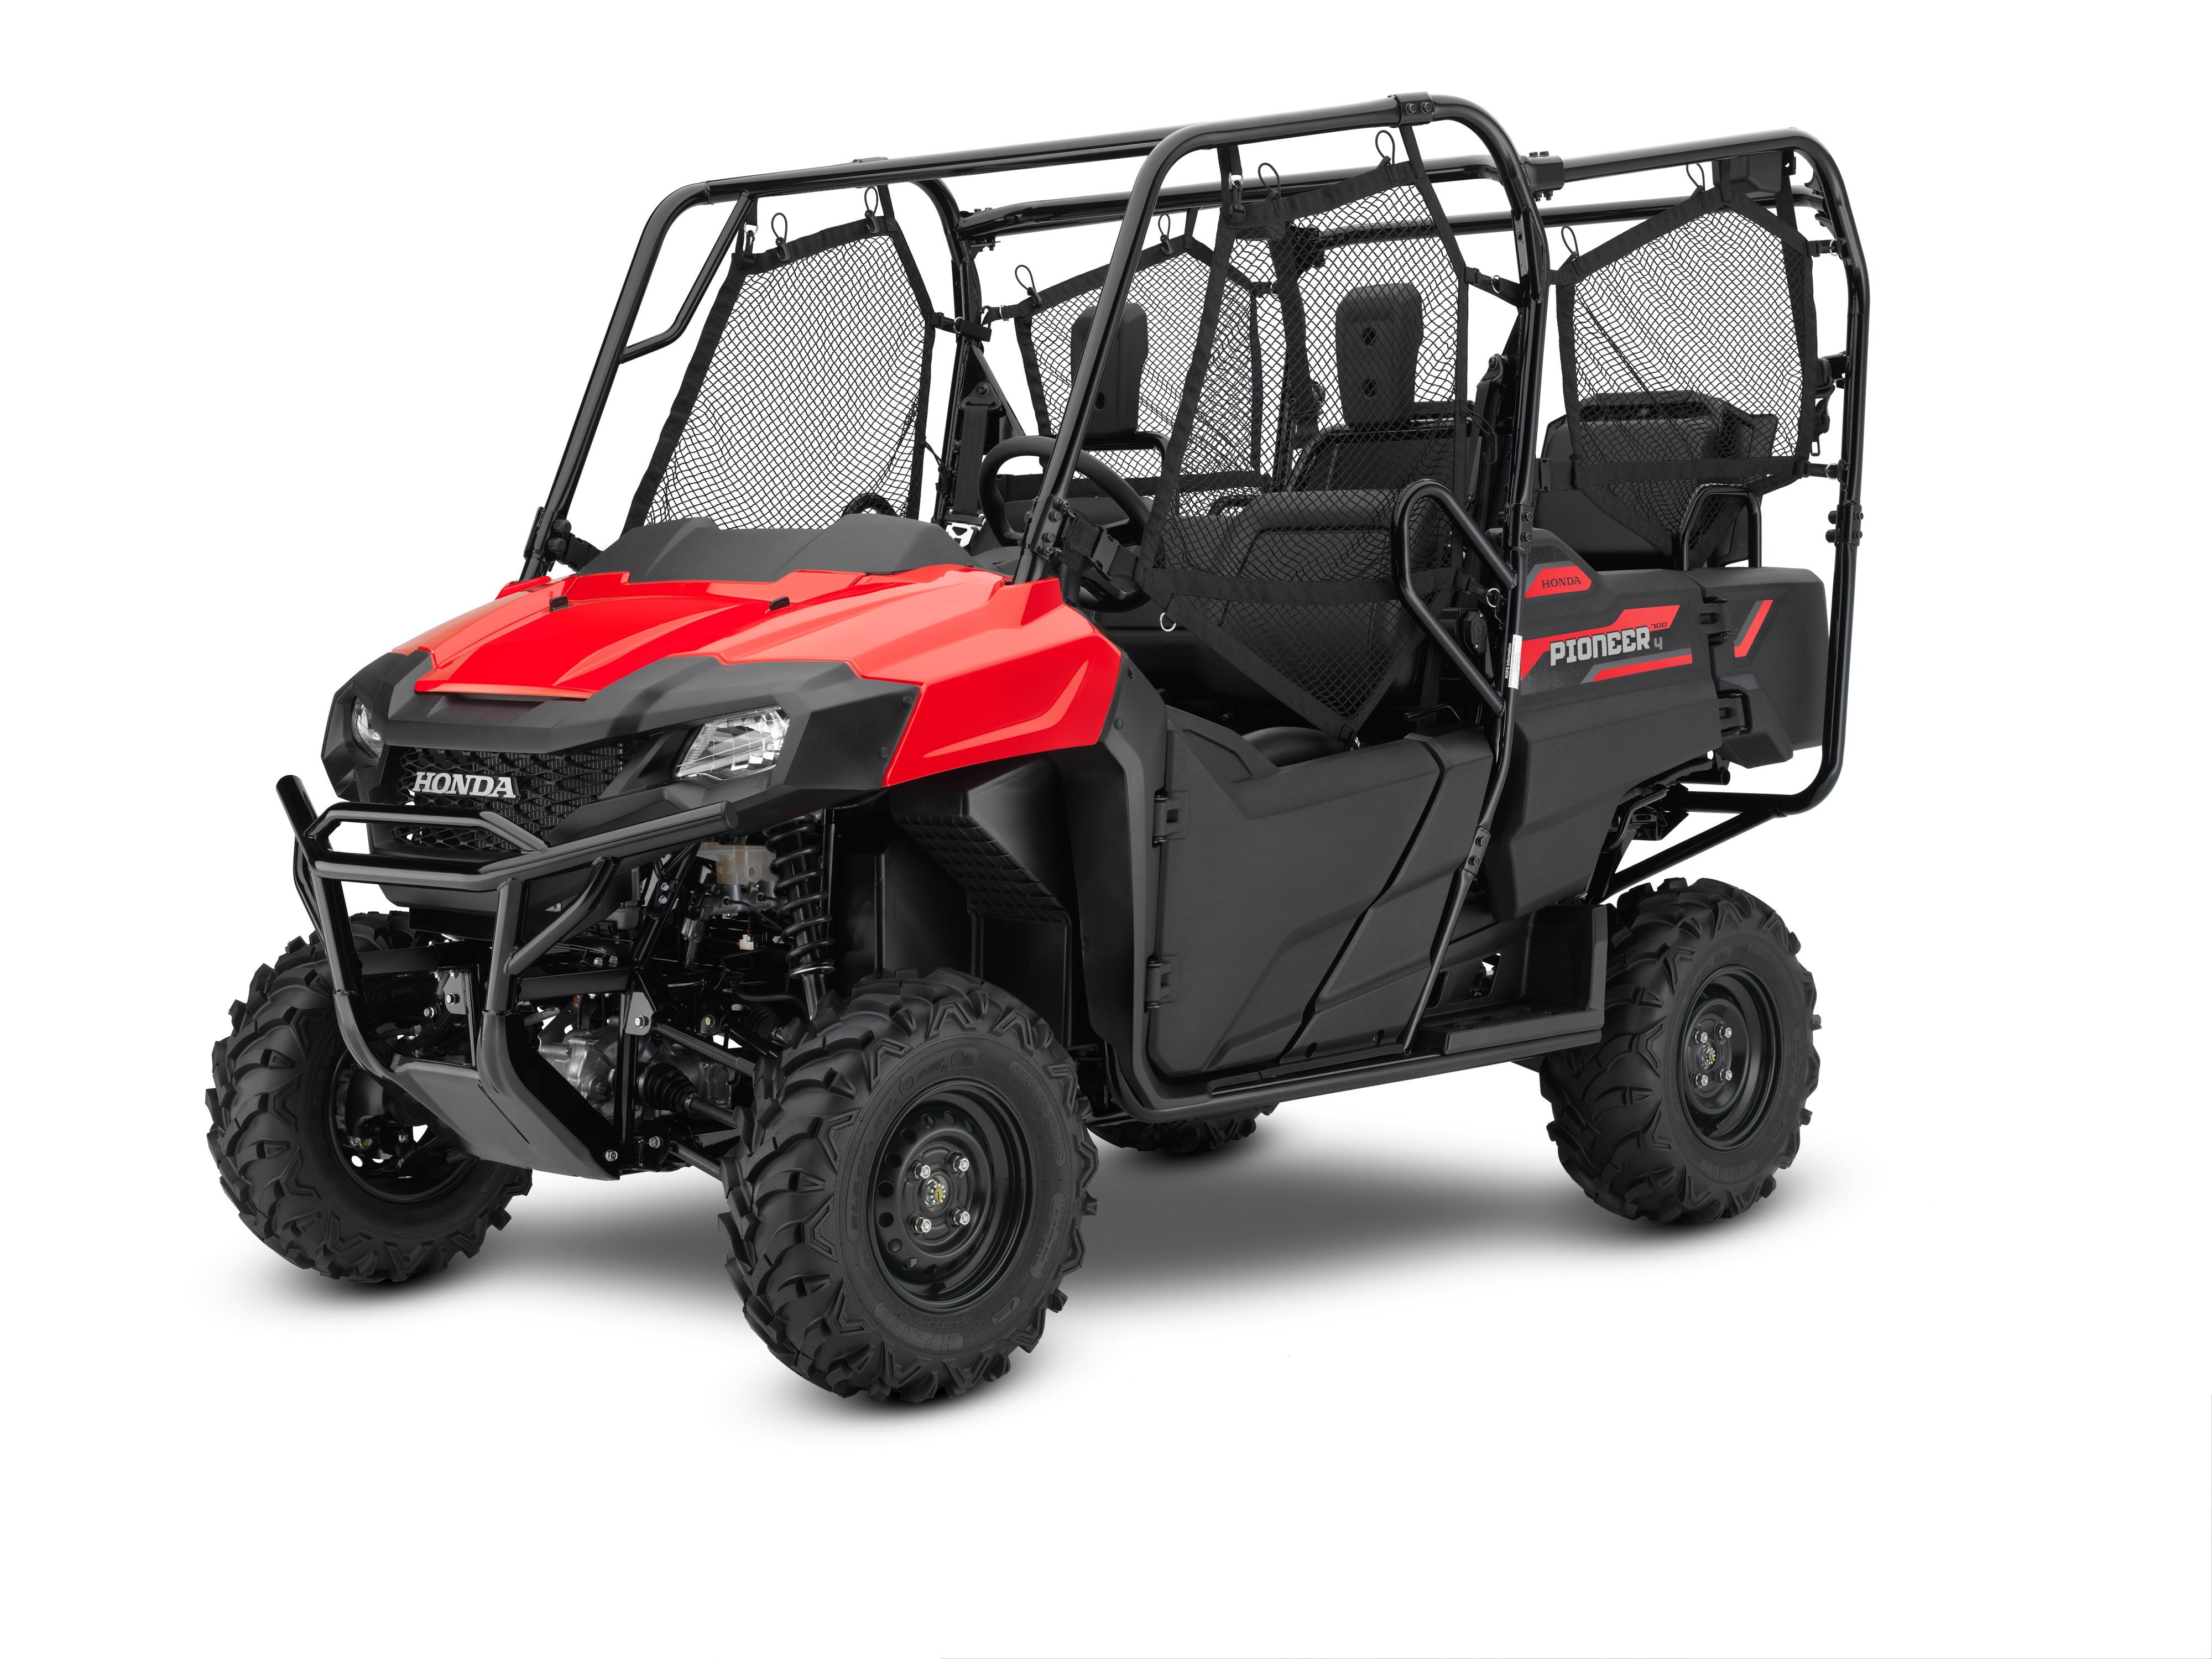 2017 Pioneer 700